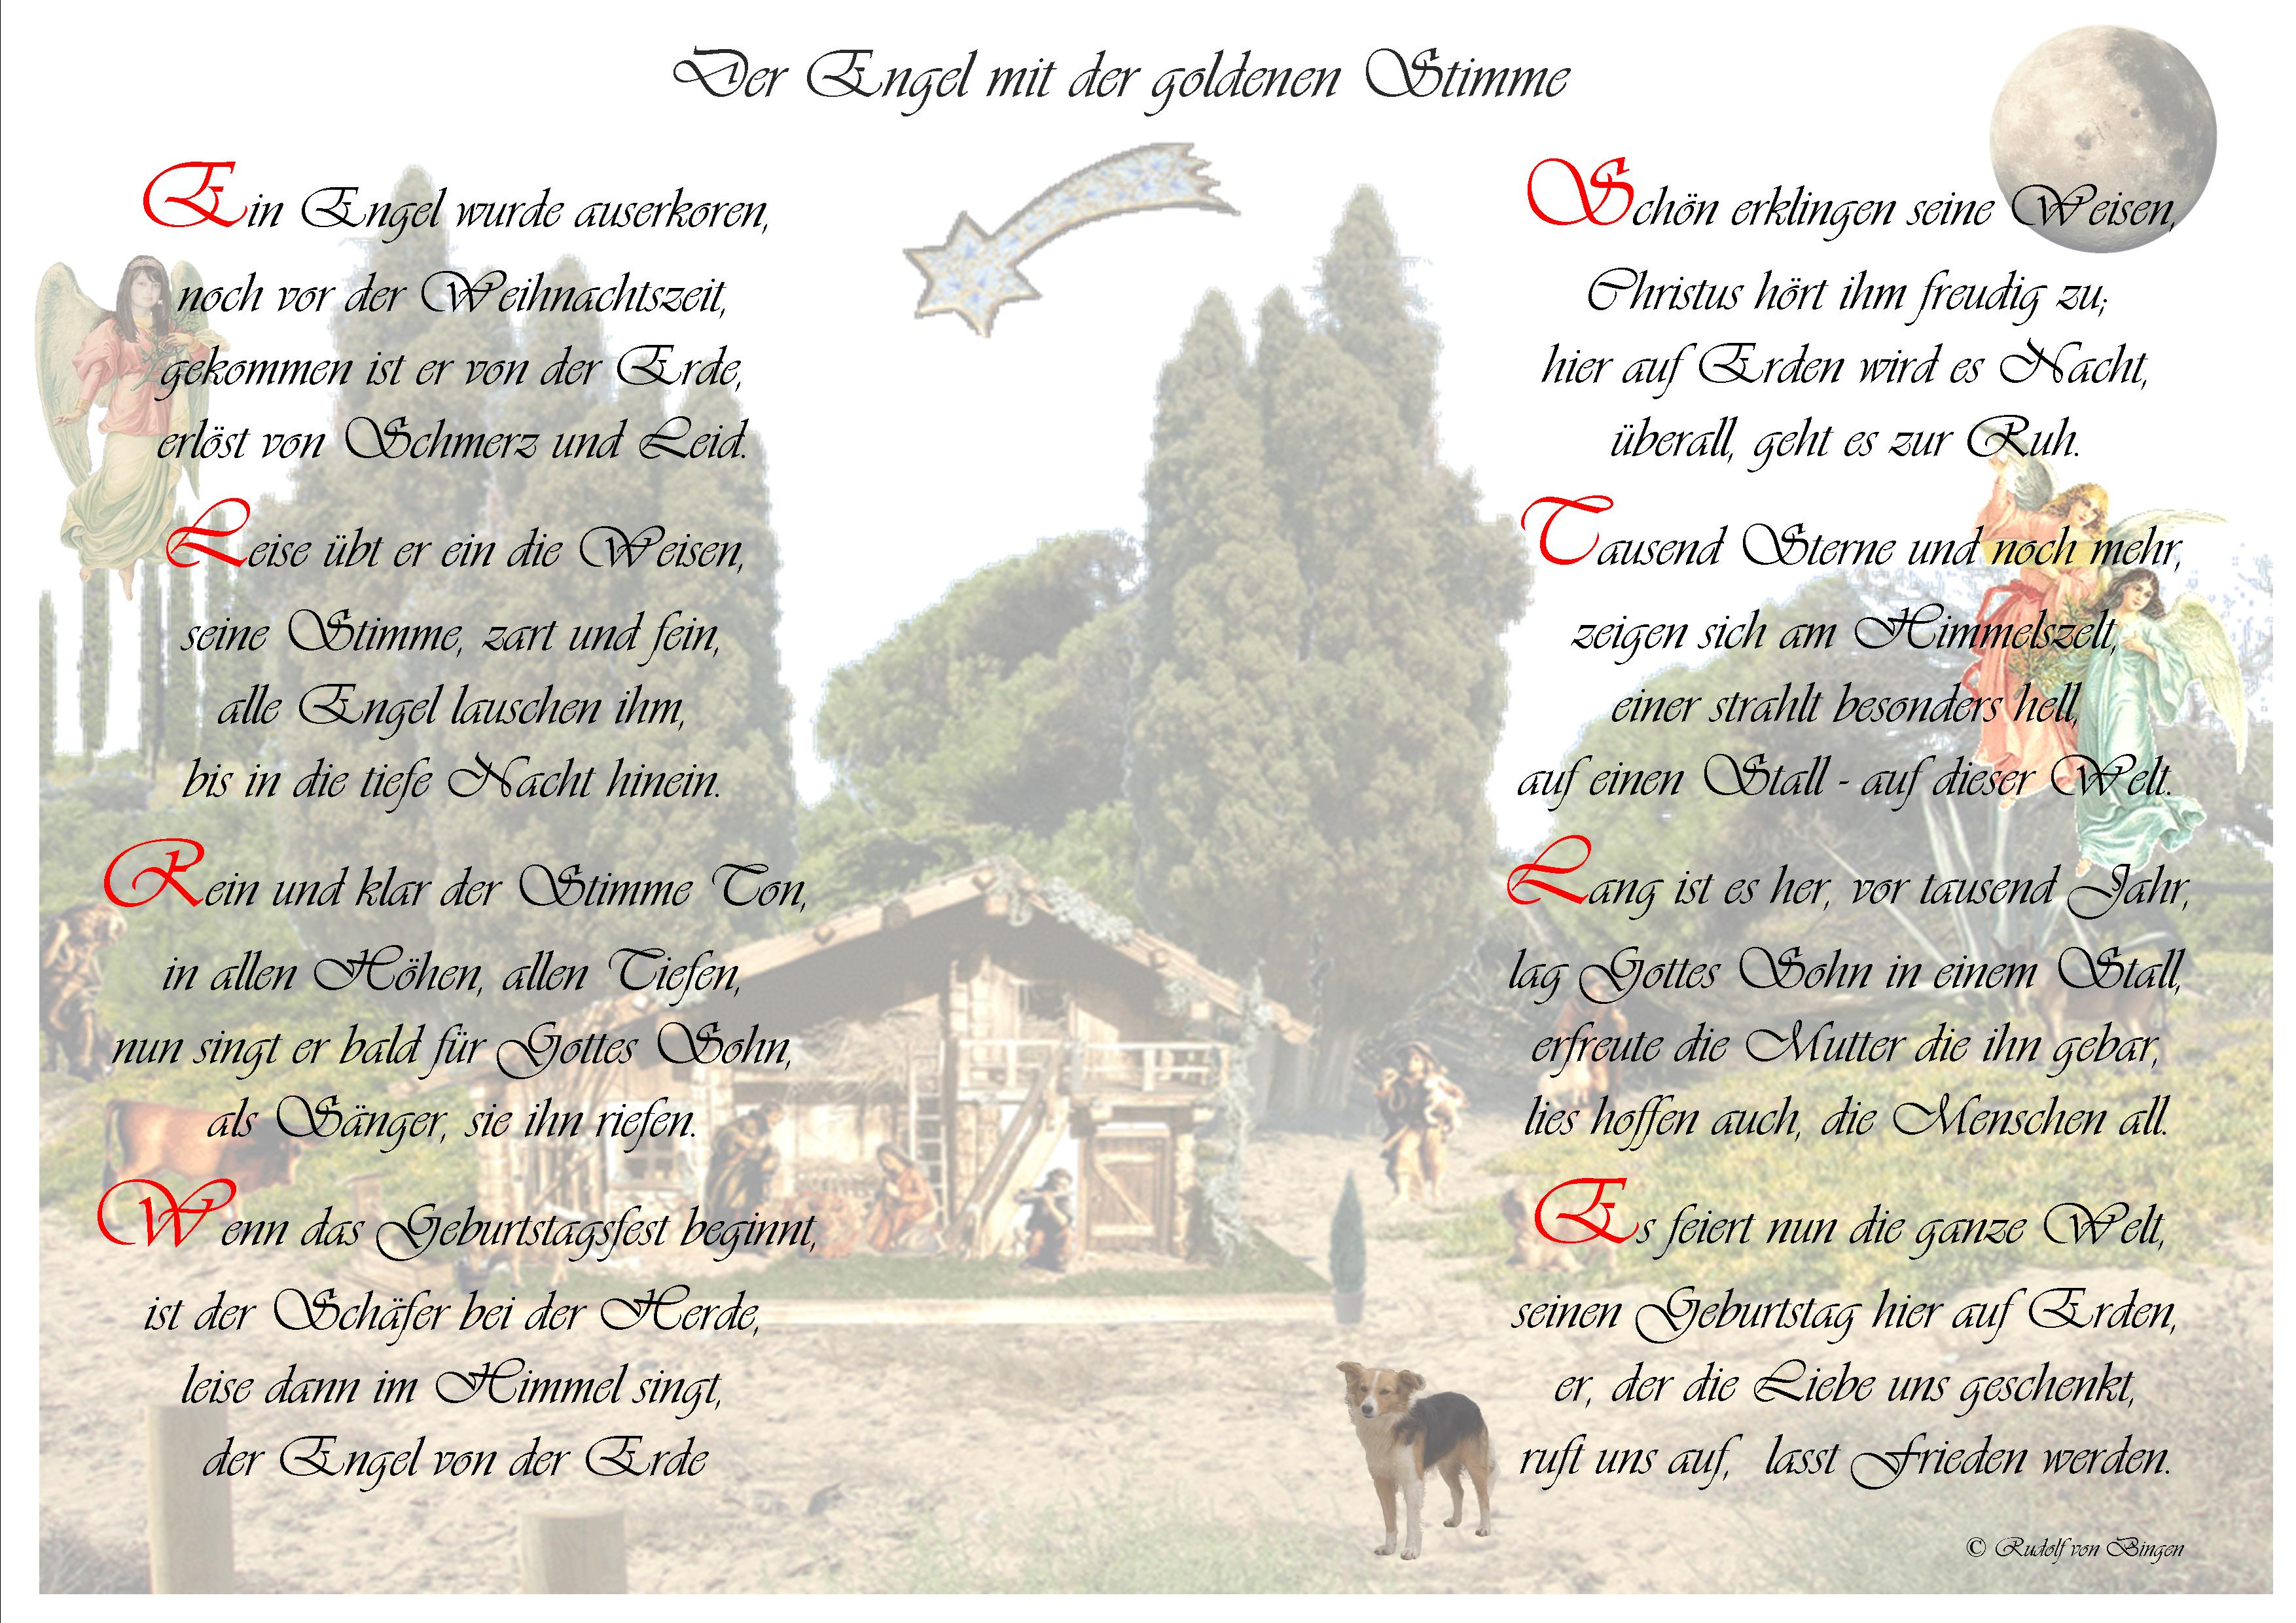 Weihnachtskarten 2008 - Weihnachtskarten drucken gratis ...